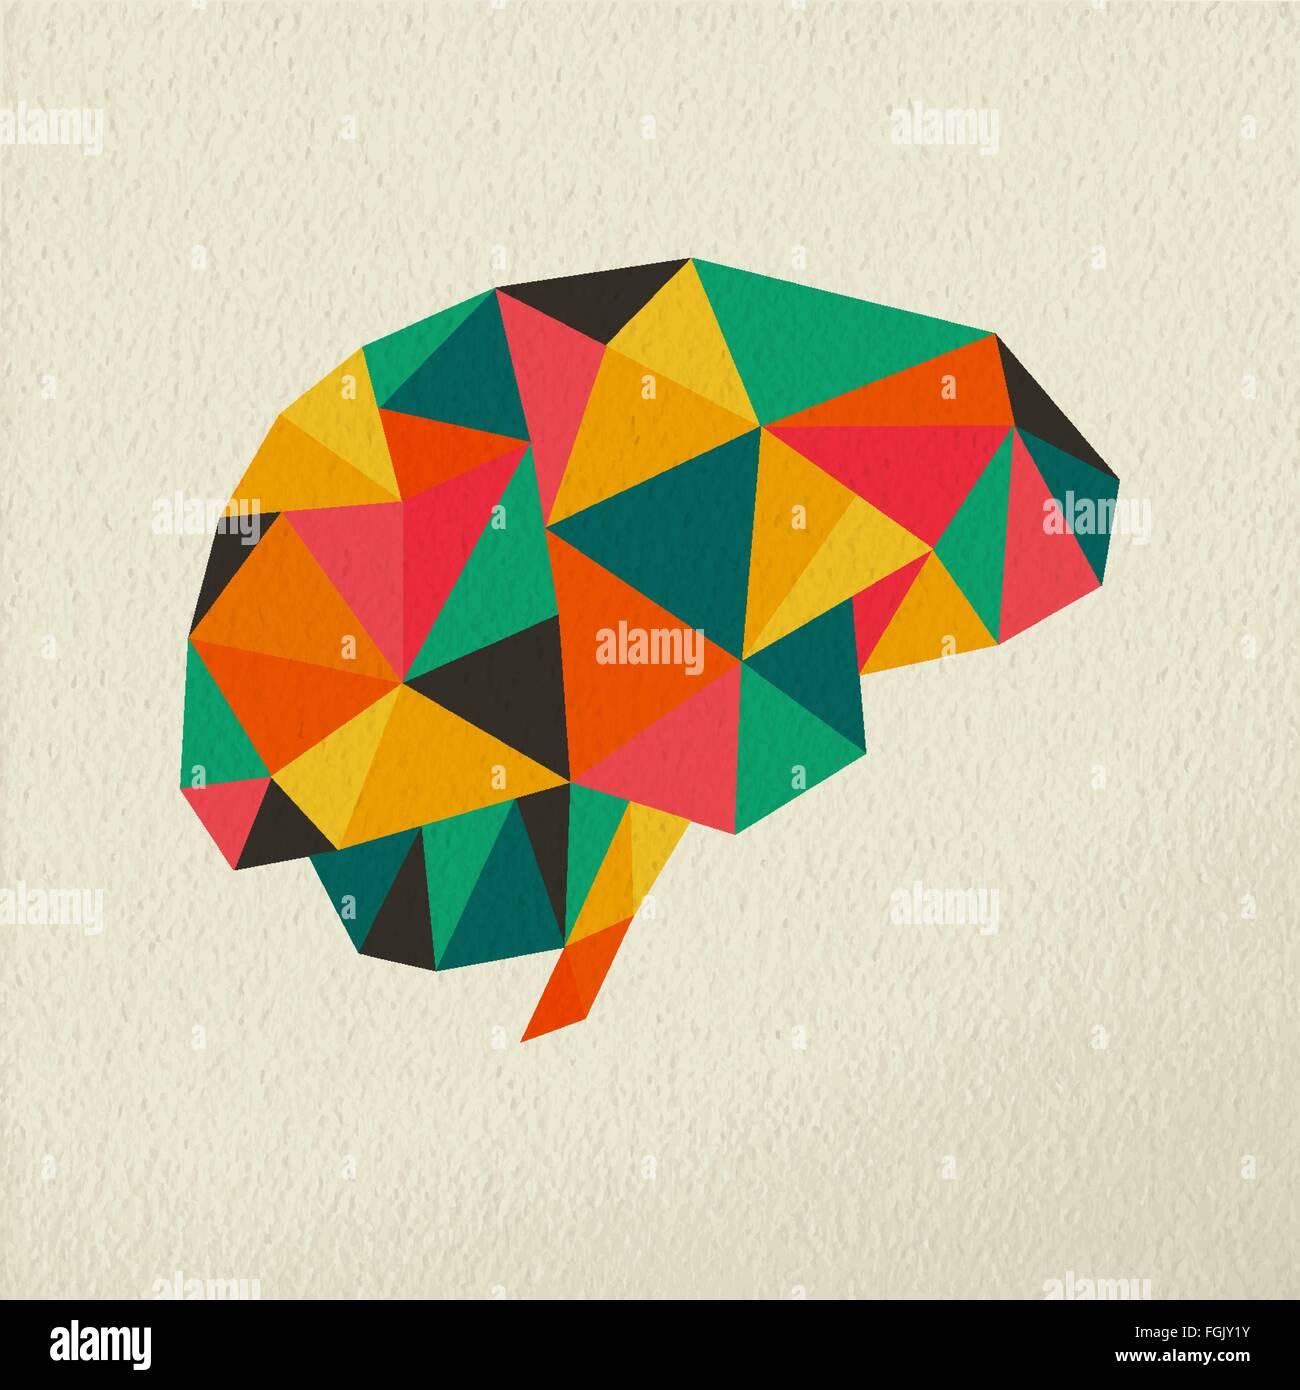 Cerebro Humano, colorido baja poli ilustración del concepto en la textura del papel de fondo. Vector EPS10. Imagen De Stock